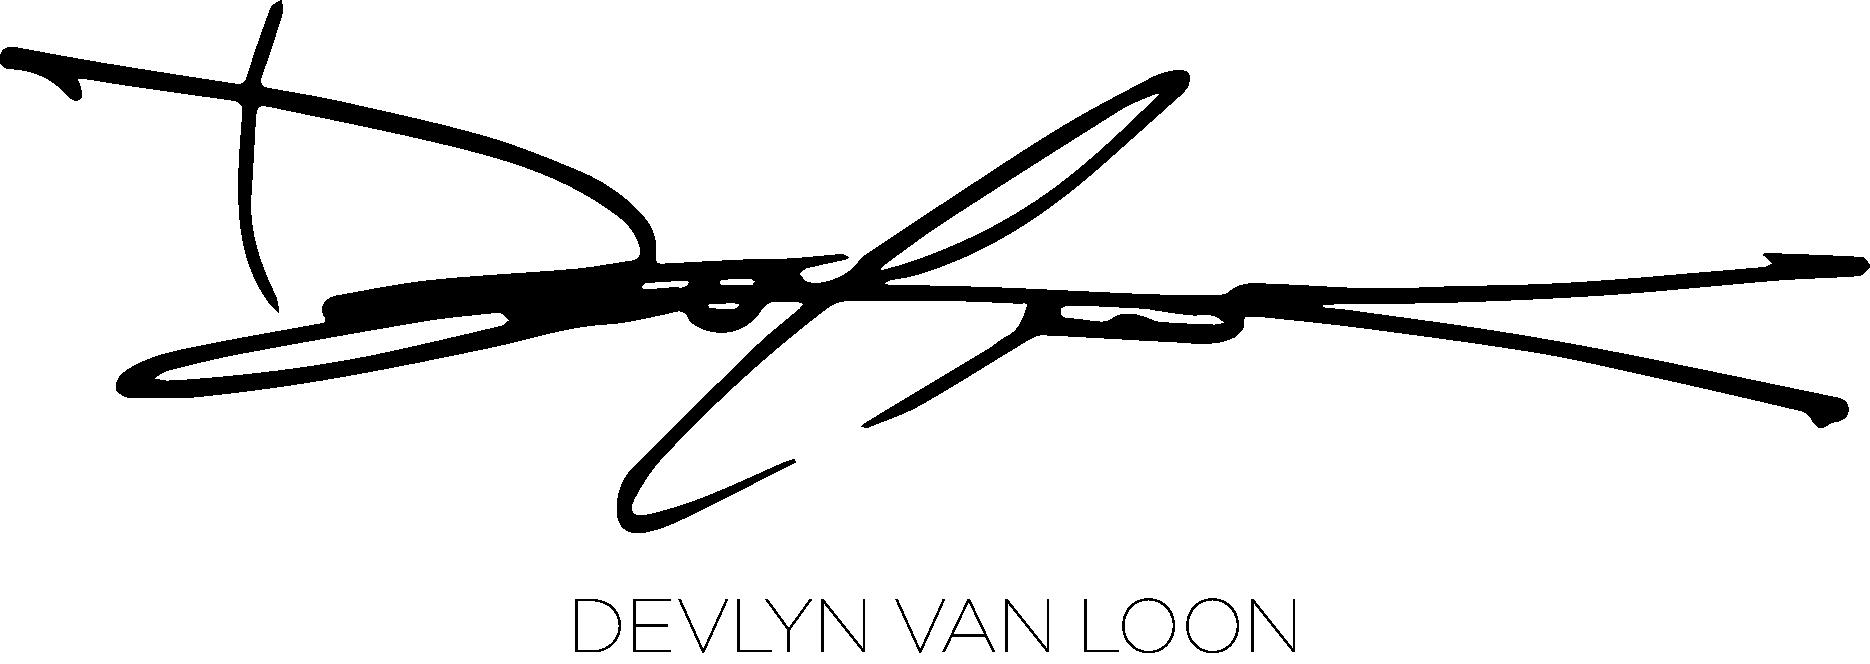 Devlyn van Loon